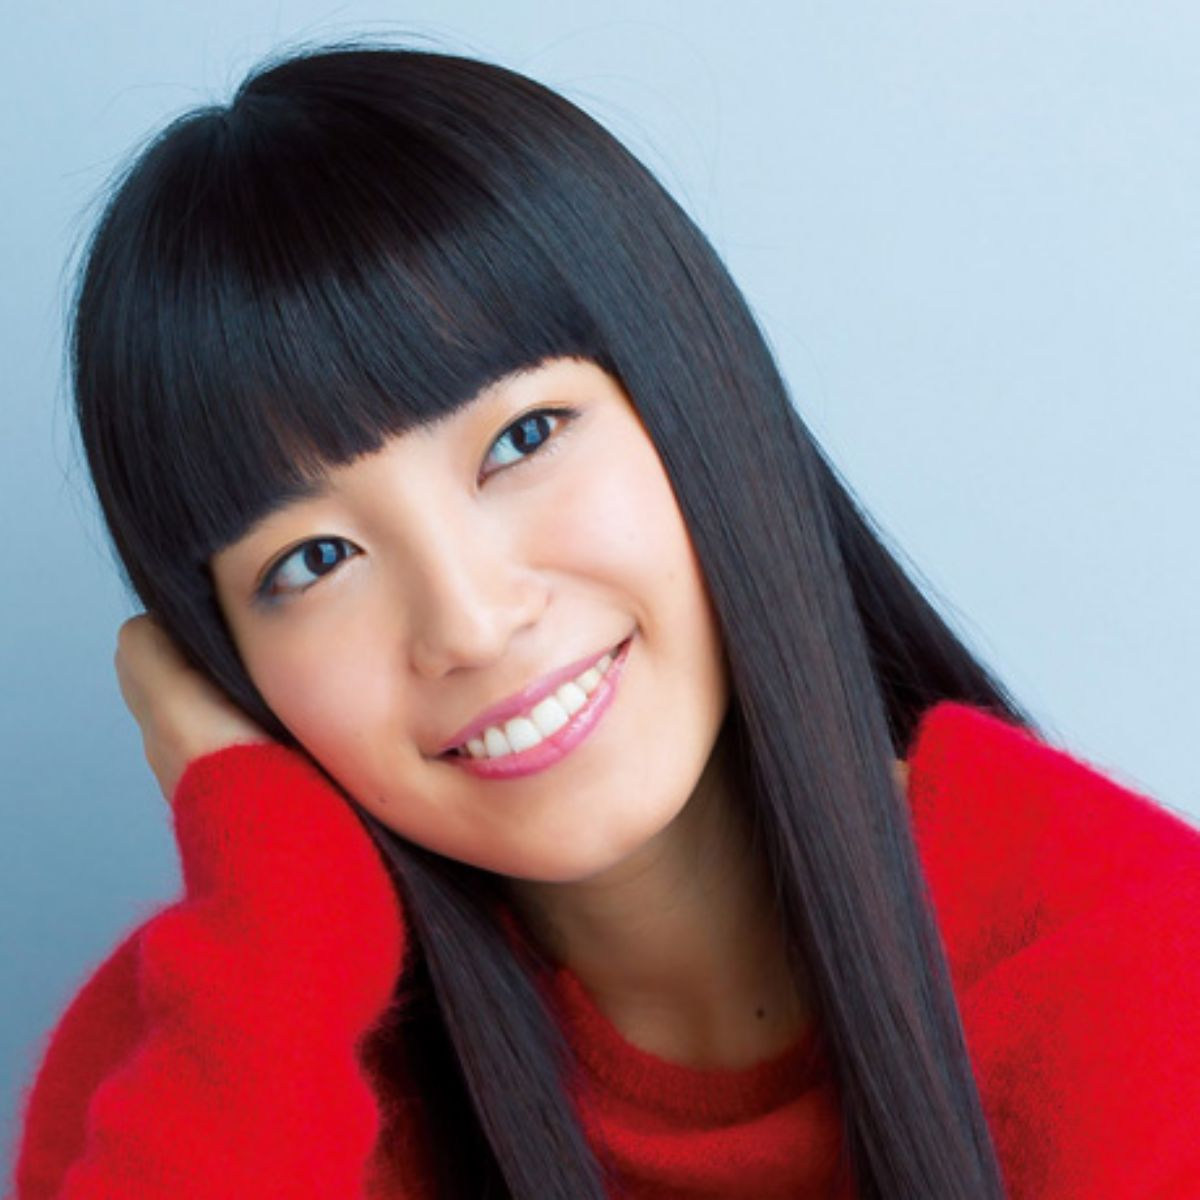 透き通るような透明感のある歌声が魅力的☆miwaのおすすめ曲5選!のサムネイル画像